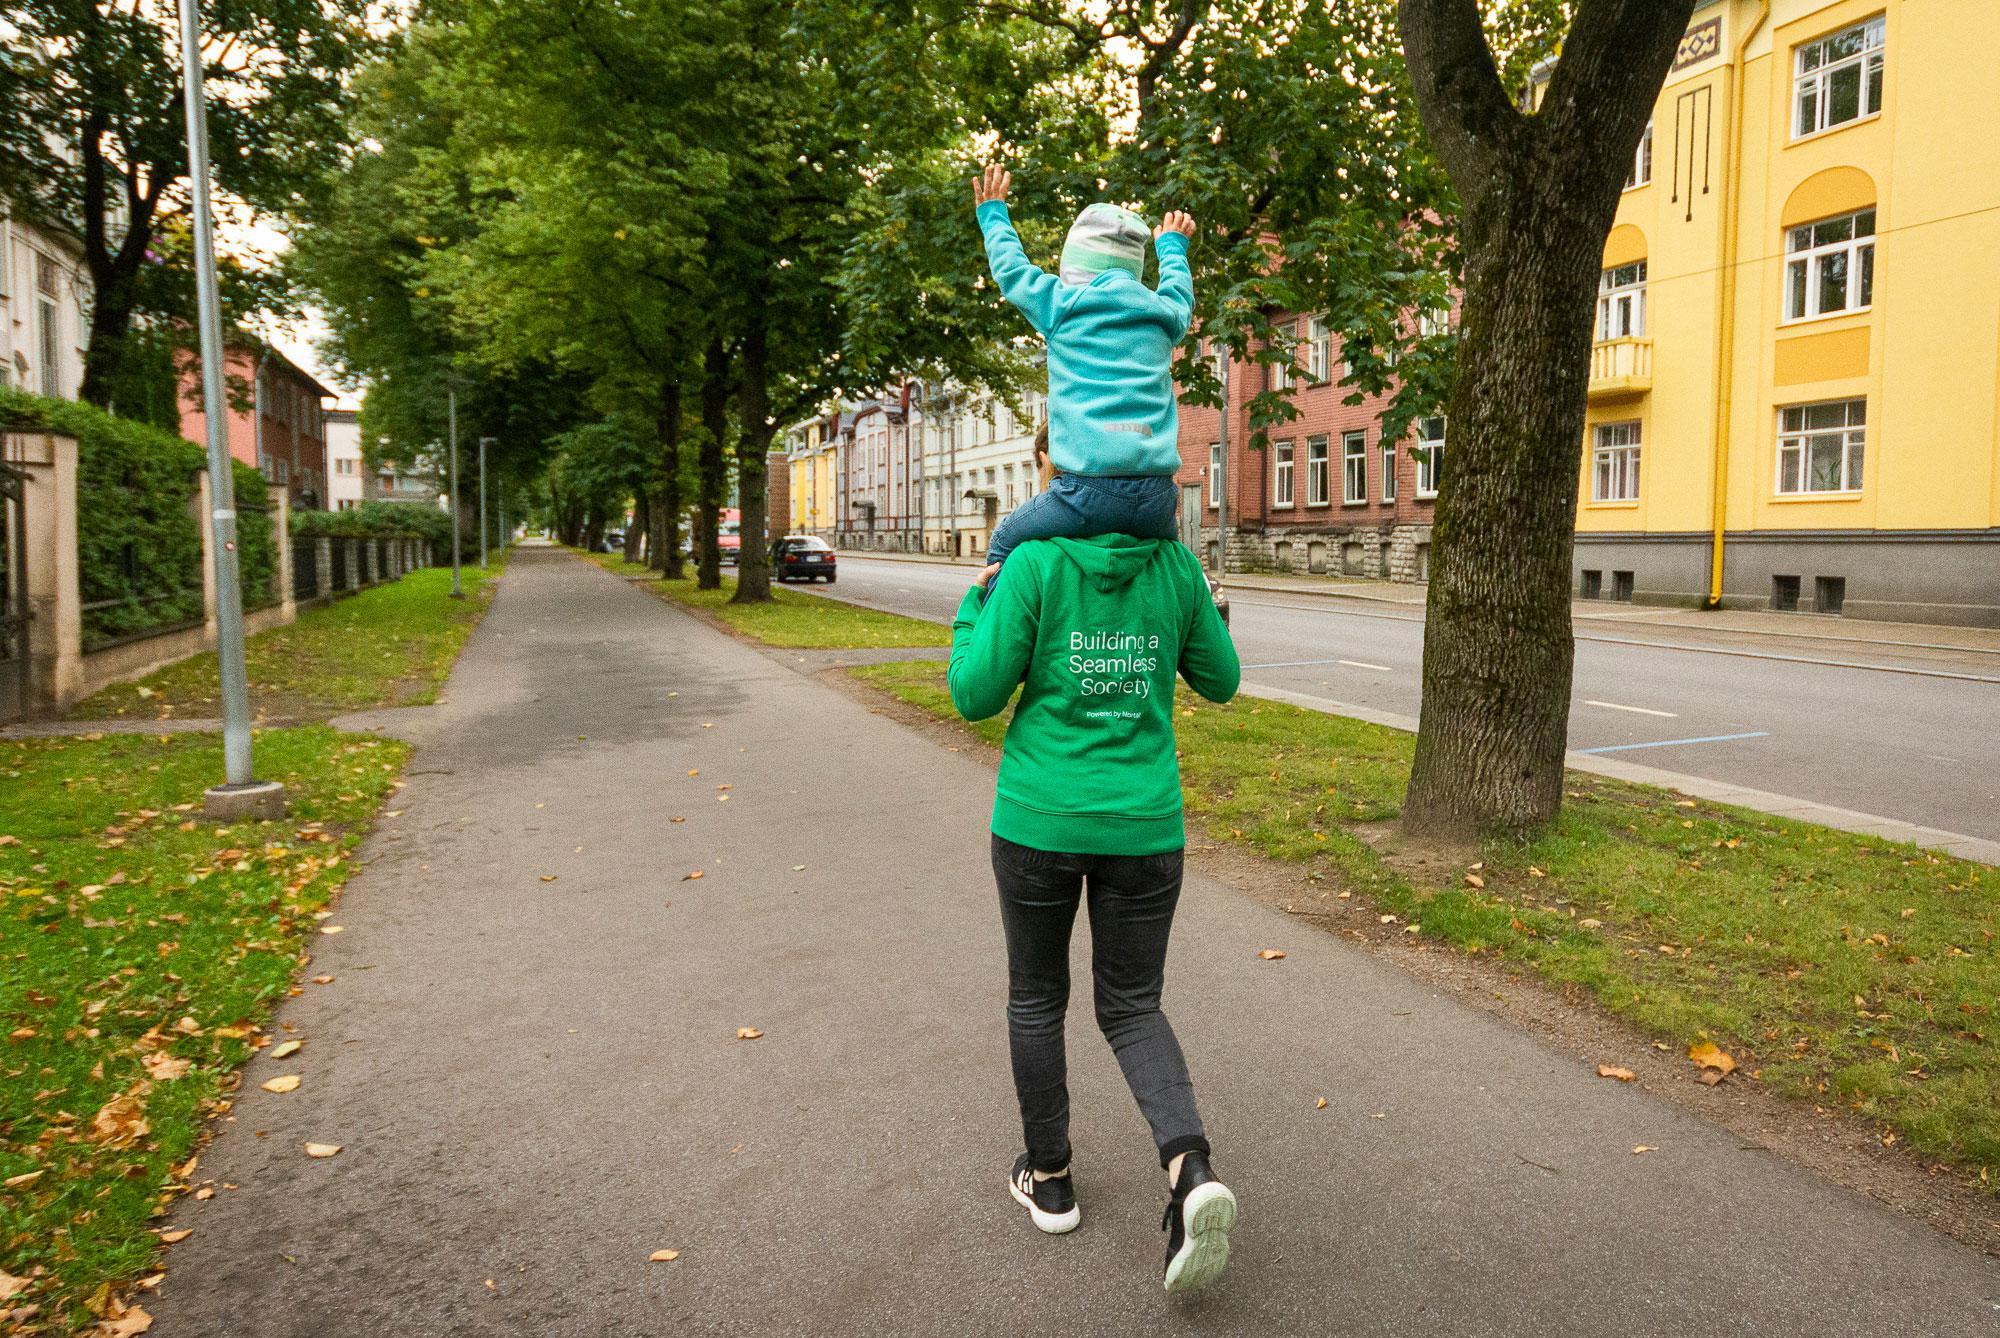 Nainen kantaa lasta reppuselässä kaupungissa kävelytiellä.